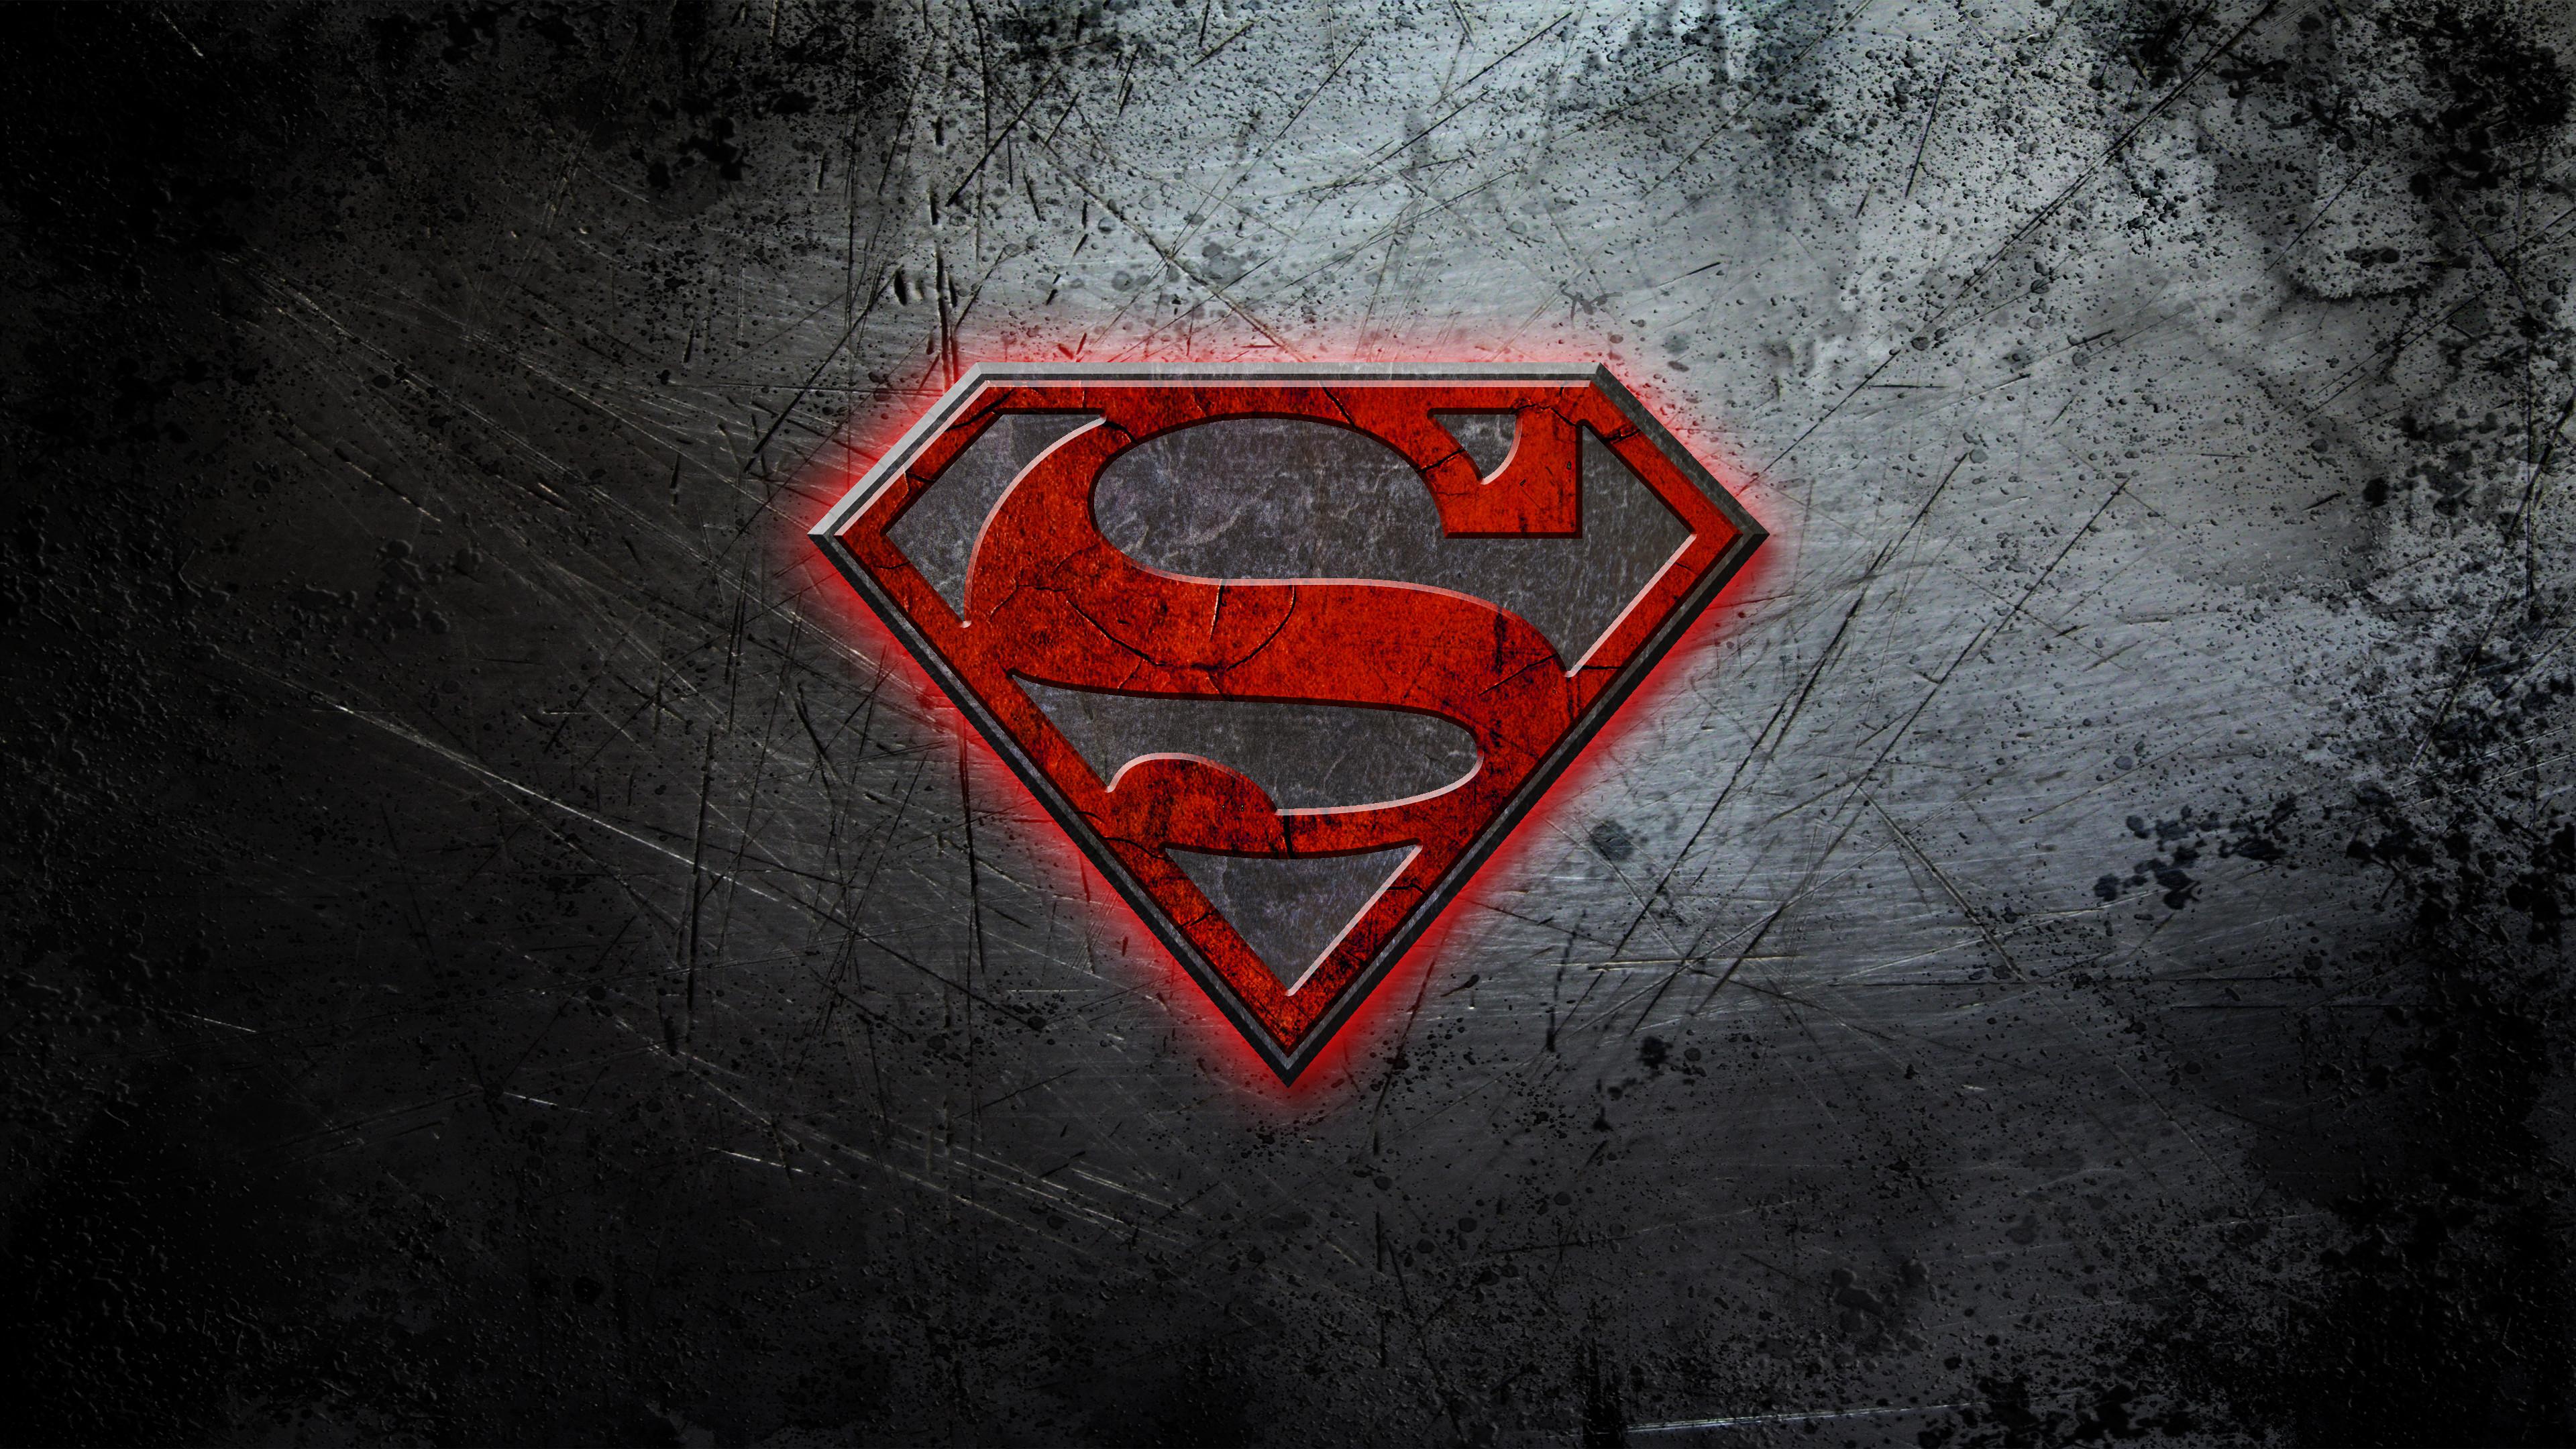 Wonderful Wallpaper Logo Huawei - superman-logo-4k-0f  Perfect Image Reference_553675.jpg